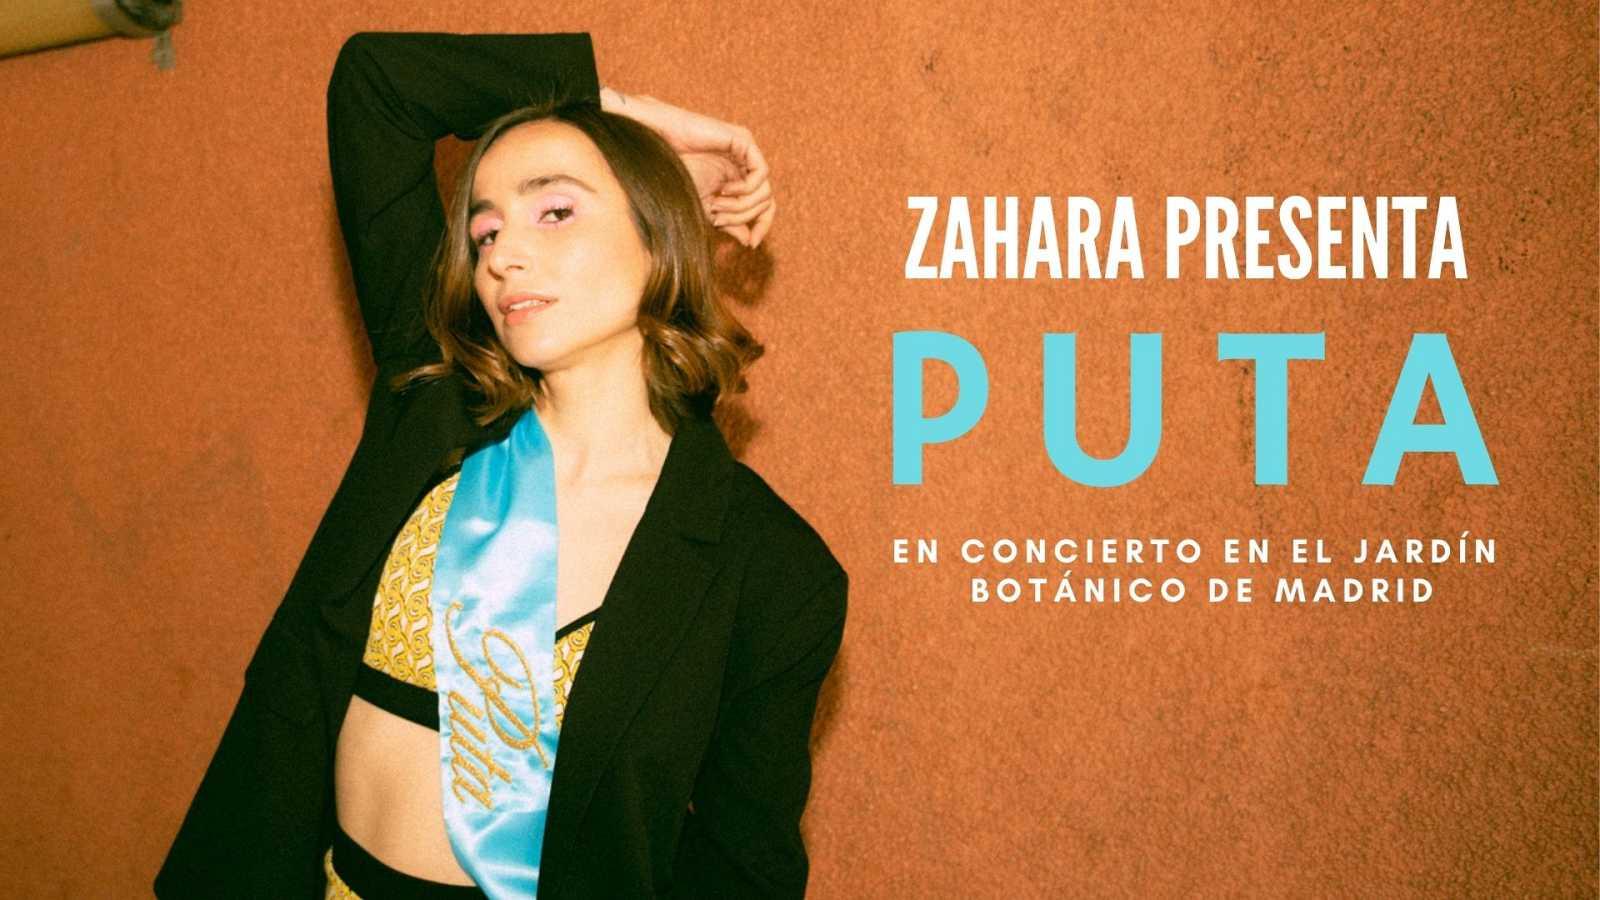 Zahara presenta 'Puta' en concierto en Radio 3 Extra - 29/04/21 - escuchar ahora